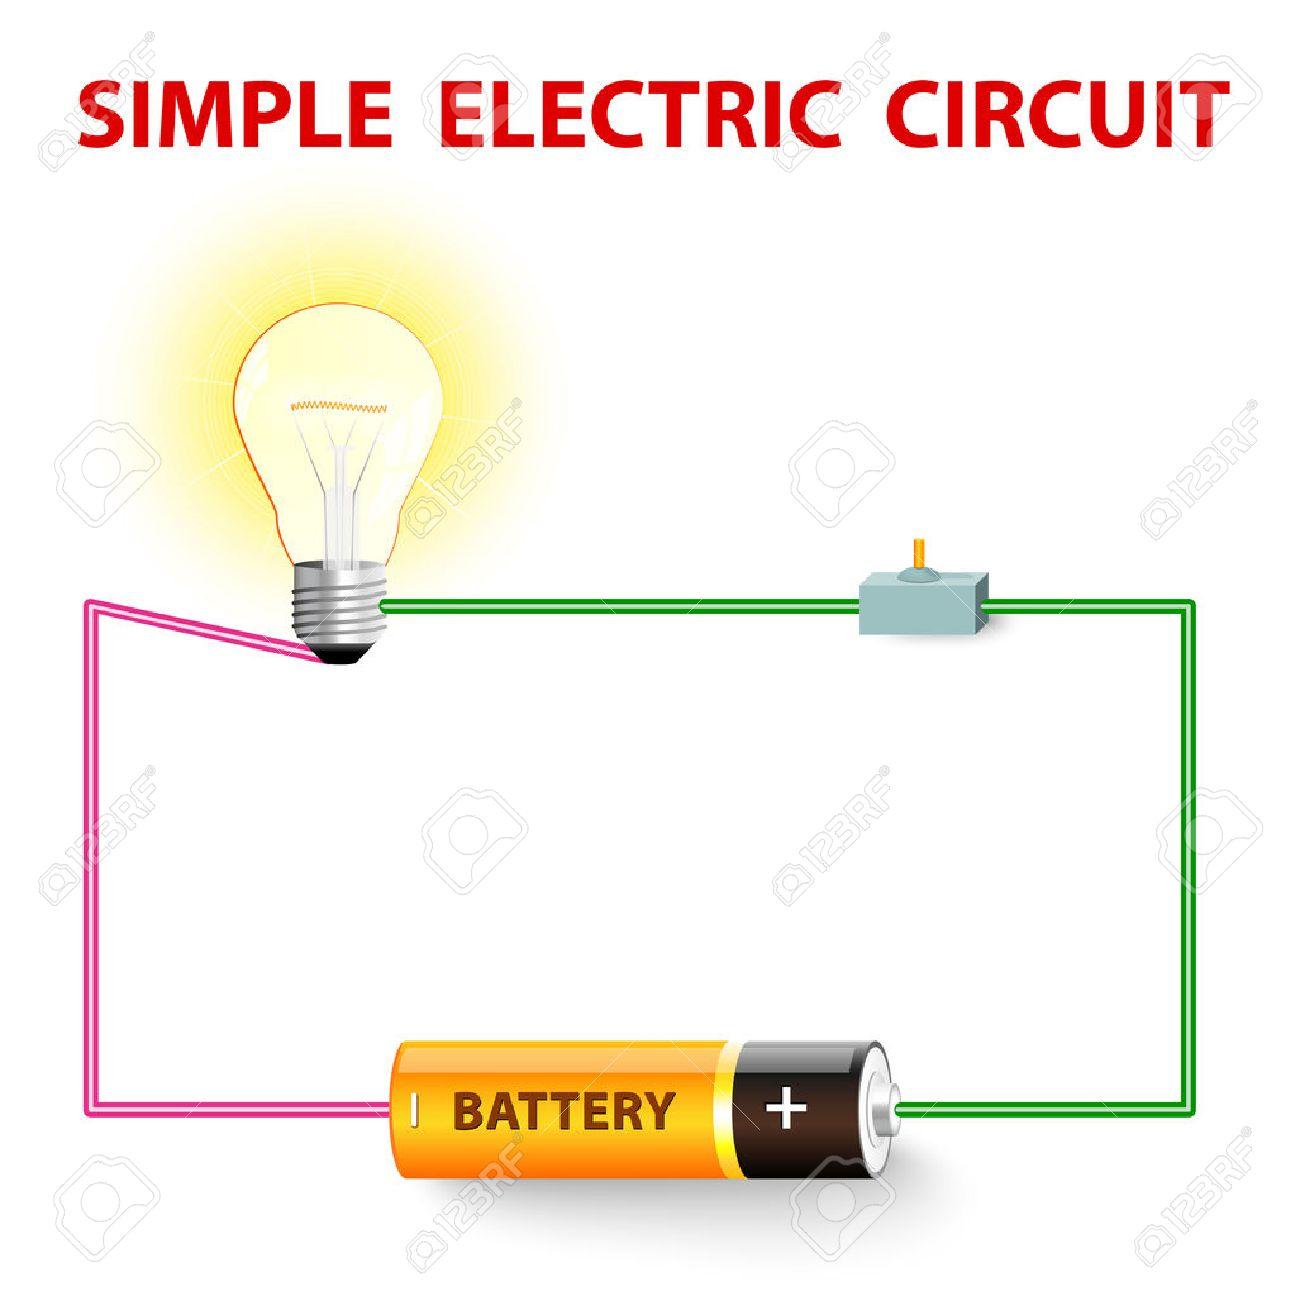 Ein Einfacher Stromkreis. Elektrisches Netz. Schalter, Glühbirne ...